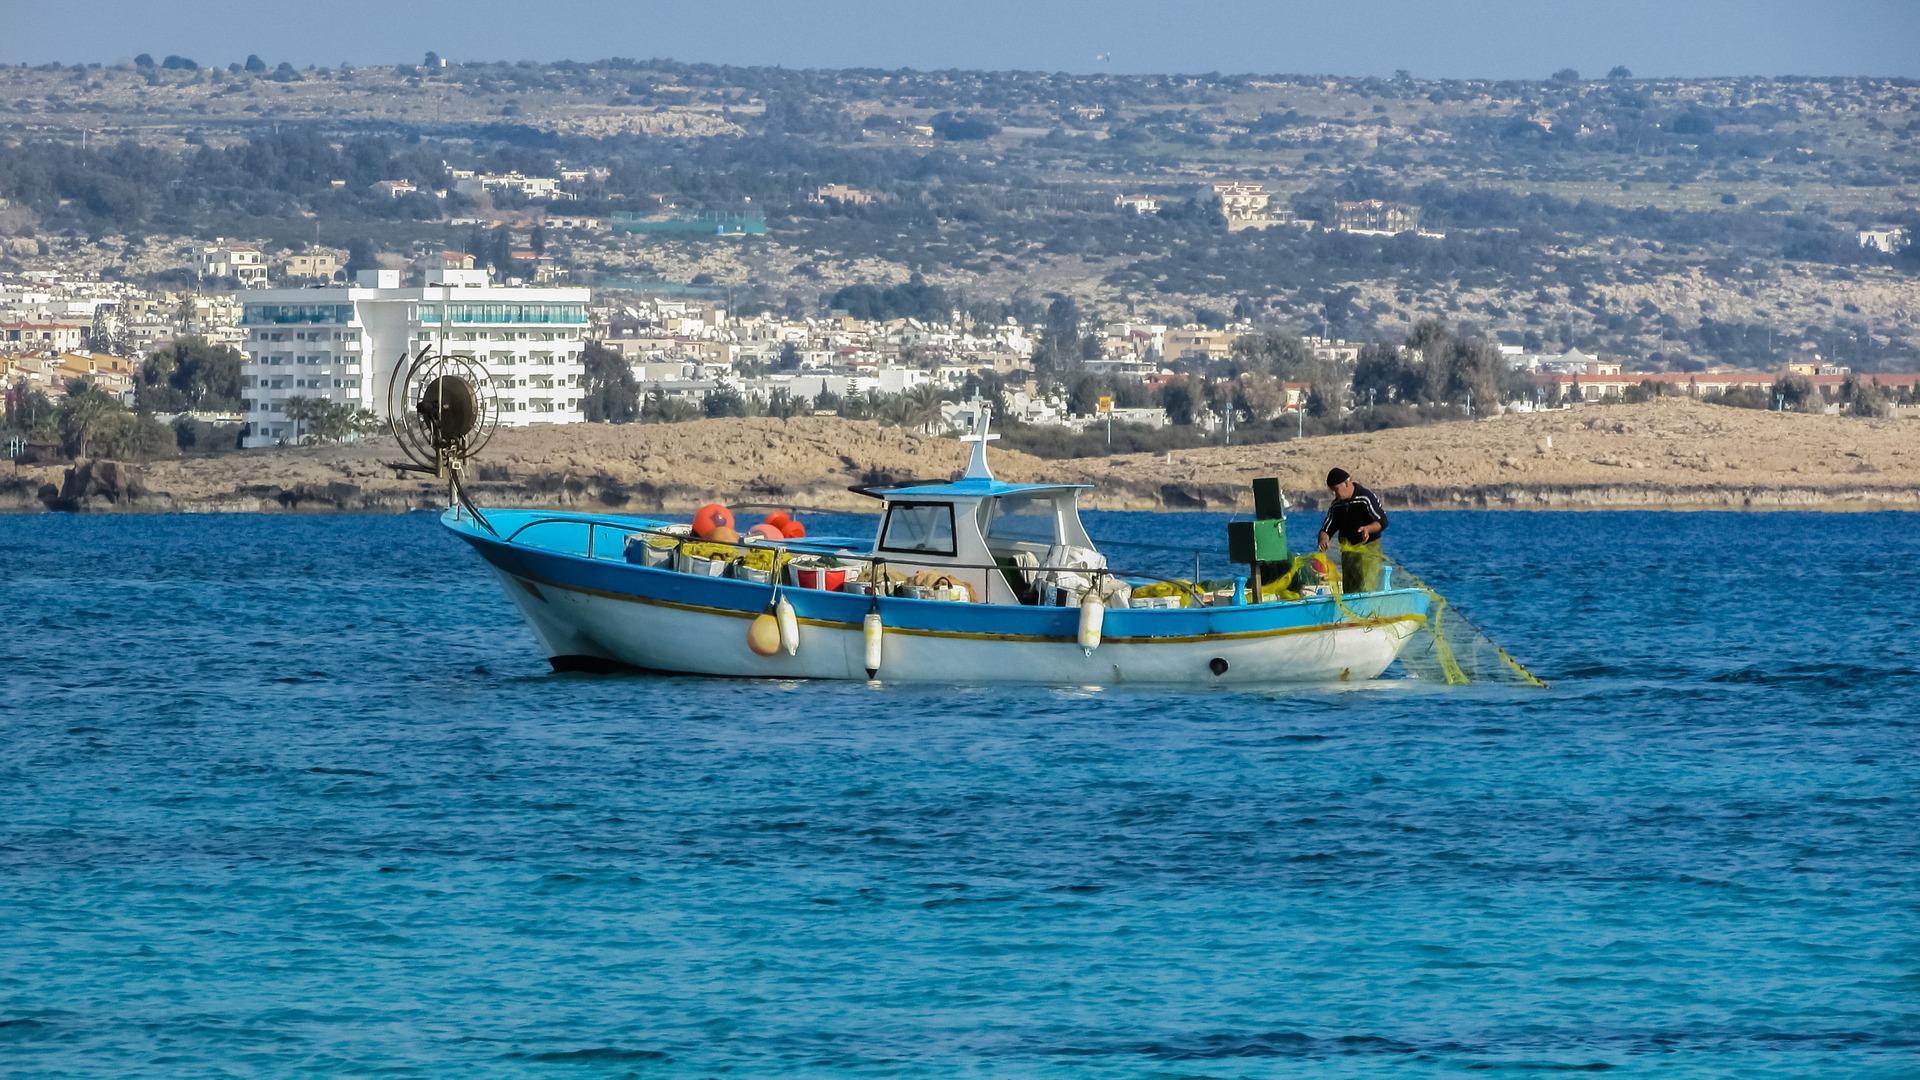 wedding island: Cyprus fishing